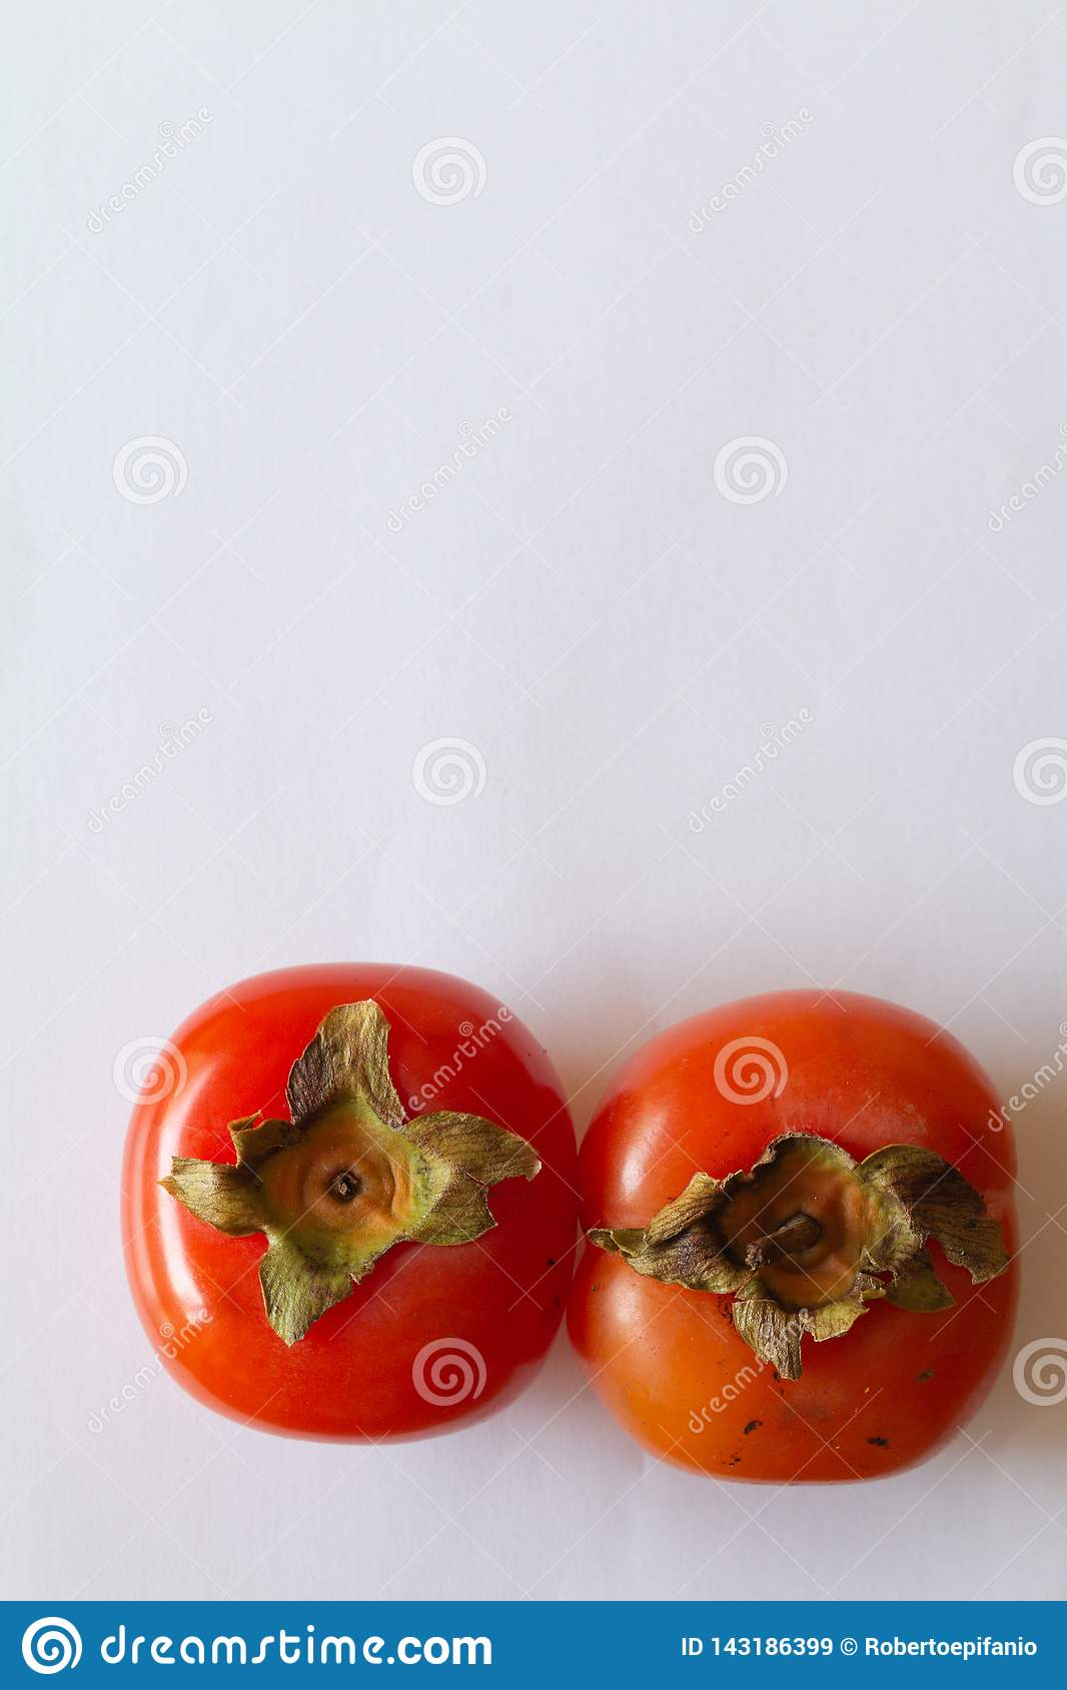 Kakipflaumenbaumfr?chte Persimonefrucht eine geschmackvolle japanische Frucht